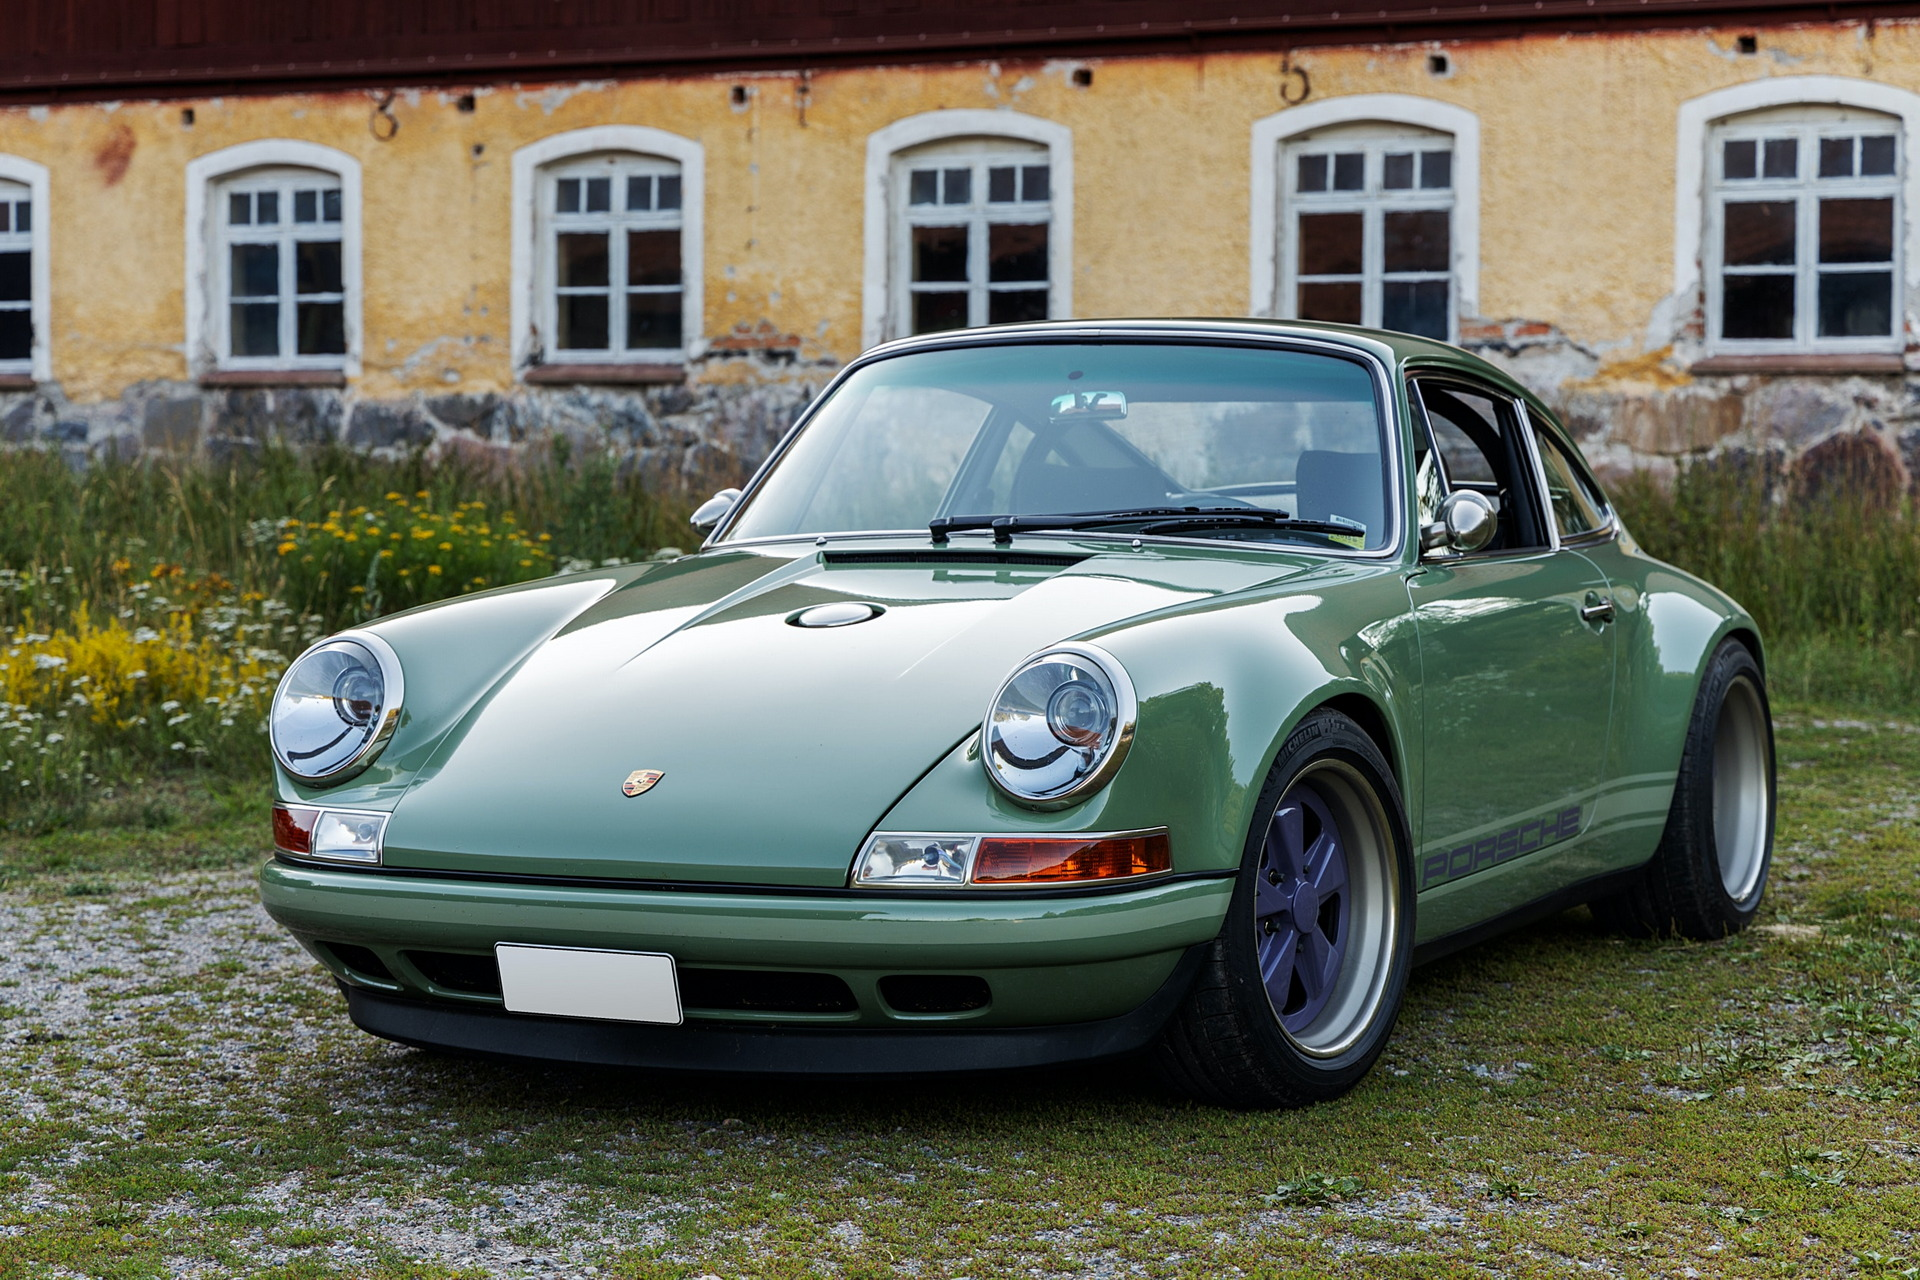 Ателье Singer Vehicle Design занимается штучной реставрацией спорткаров Porsche, и его бескомпромиссный подход к этому ответственному делу ценят крупнейшие коллекционеры мира. Сейчас в Великобритании продаётся уникальный Porsche 911 Brooklyn Commission; ставка уже превысила £500 000.